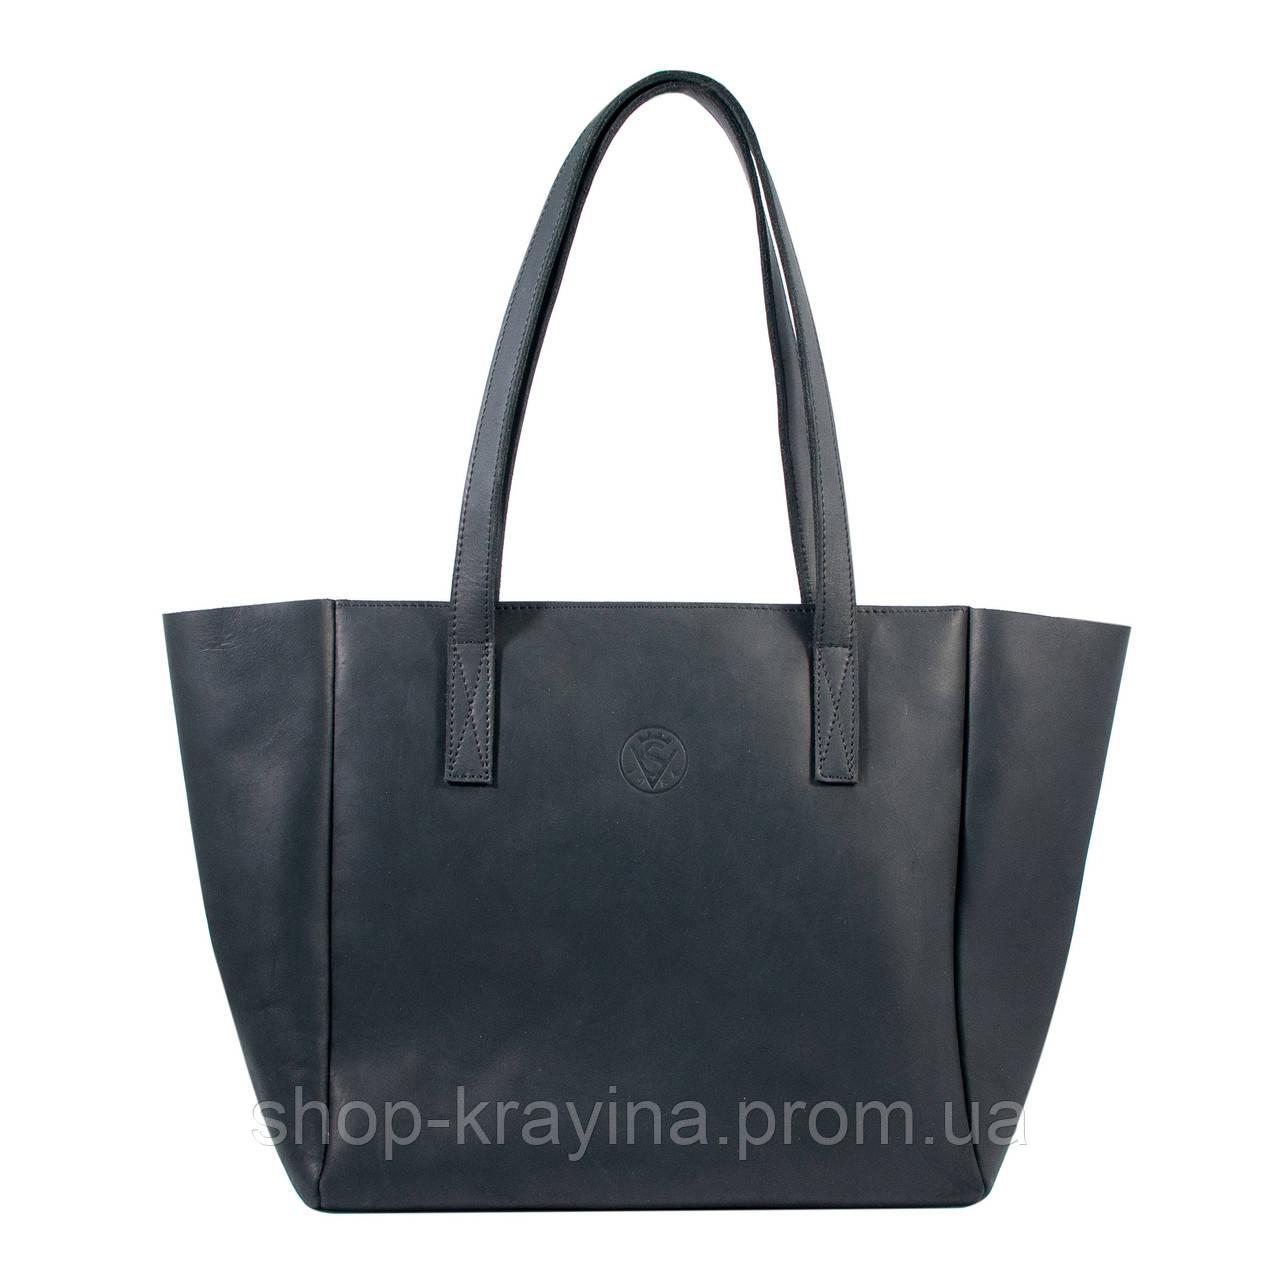 Кожаная сумка VS224 black 36х18,5х16 см